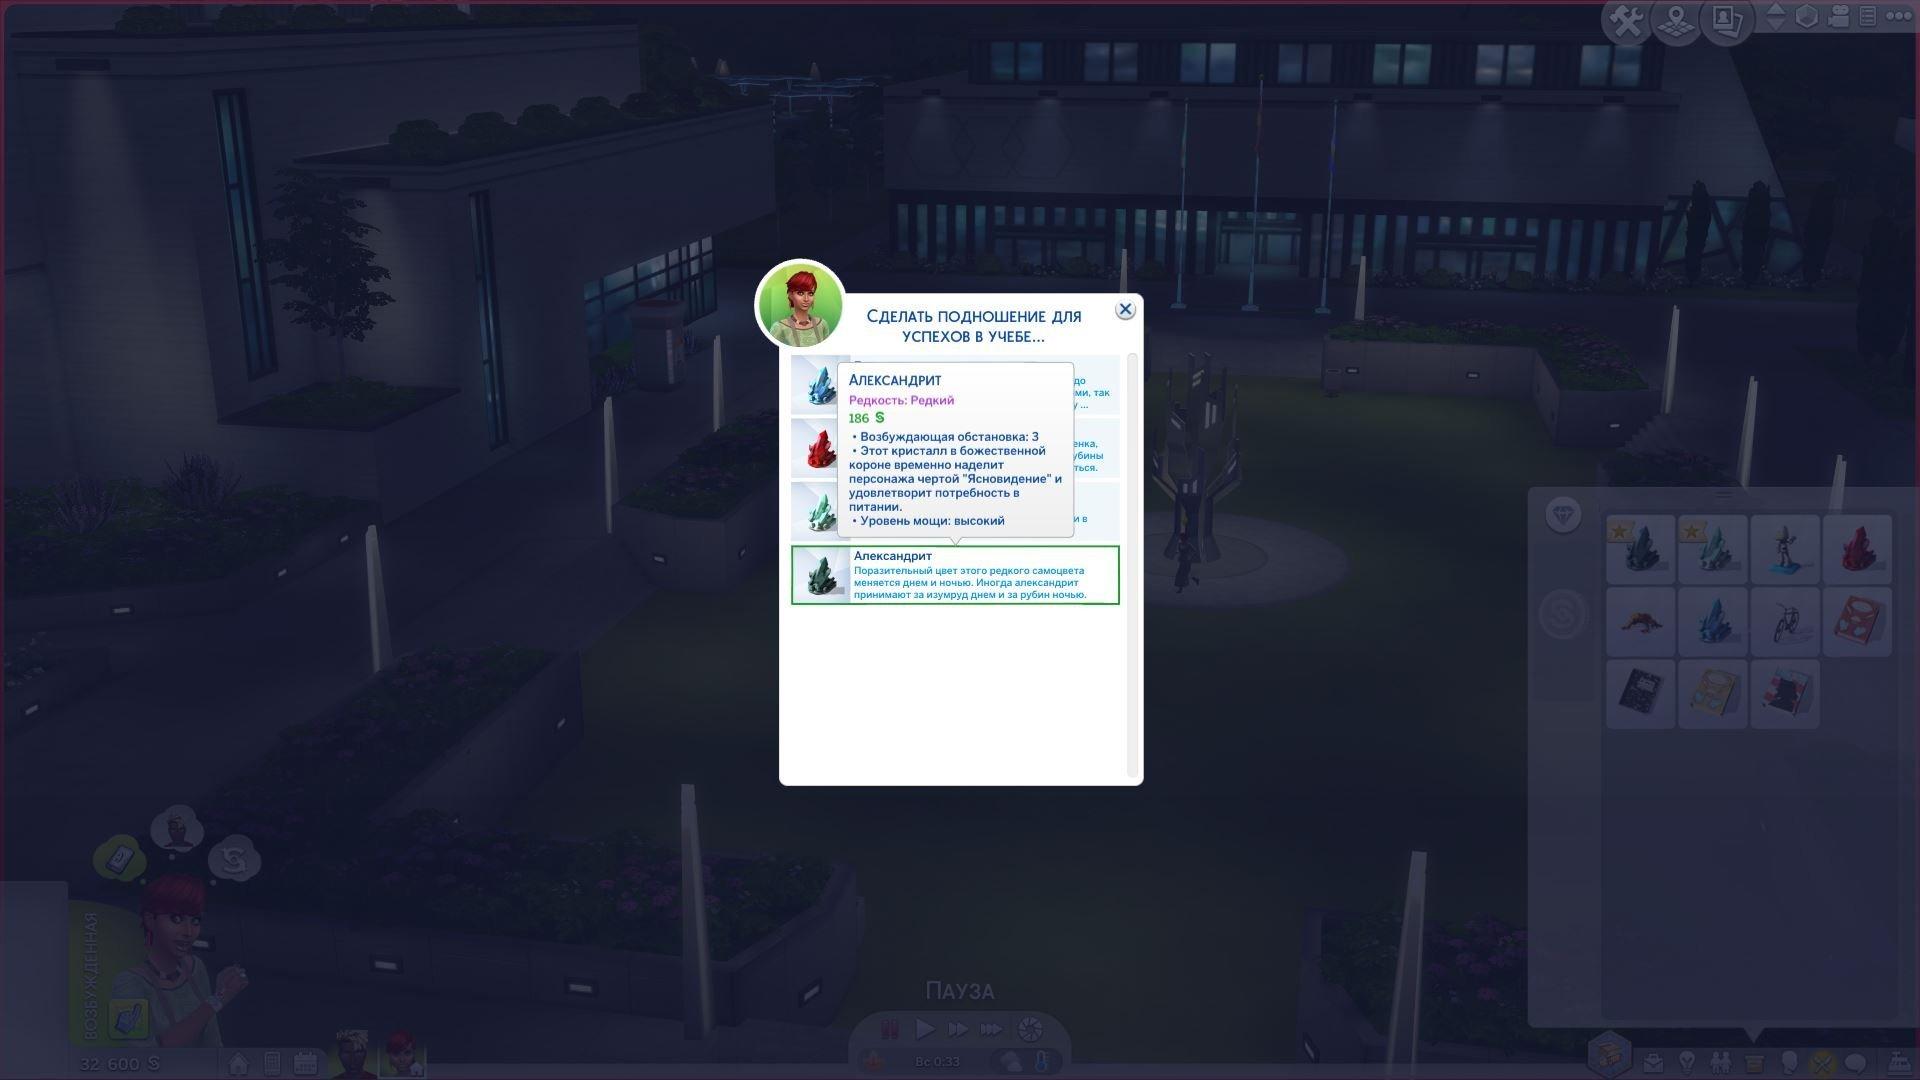 Как Вступить В Тайное Общество Sims 4 В Университете for Sims 4 Icons 2020